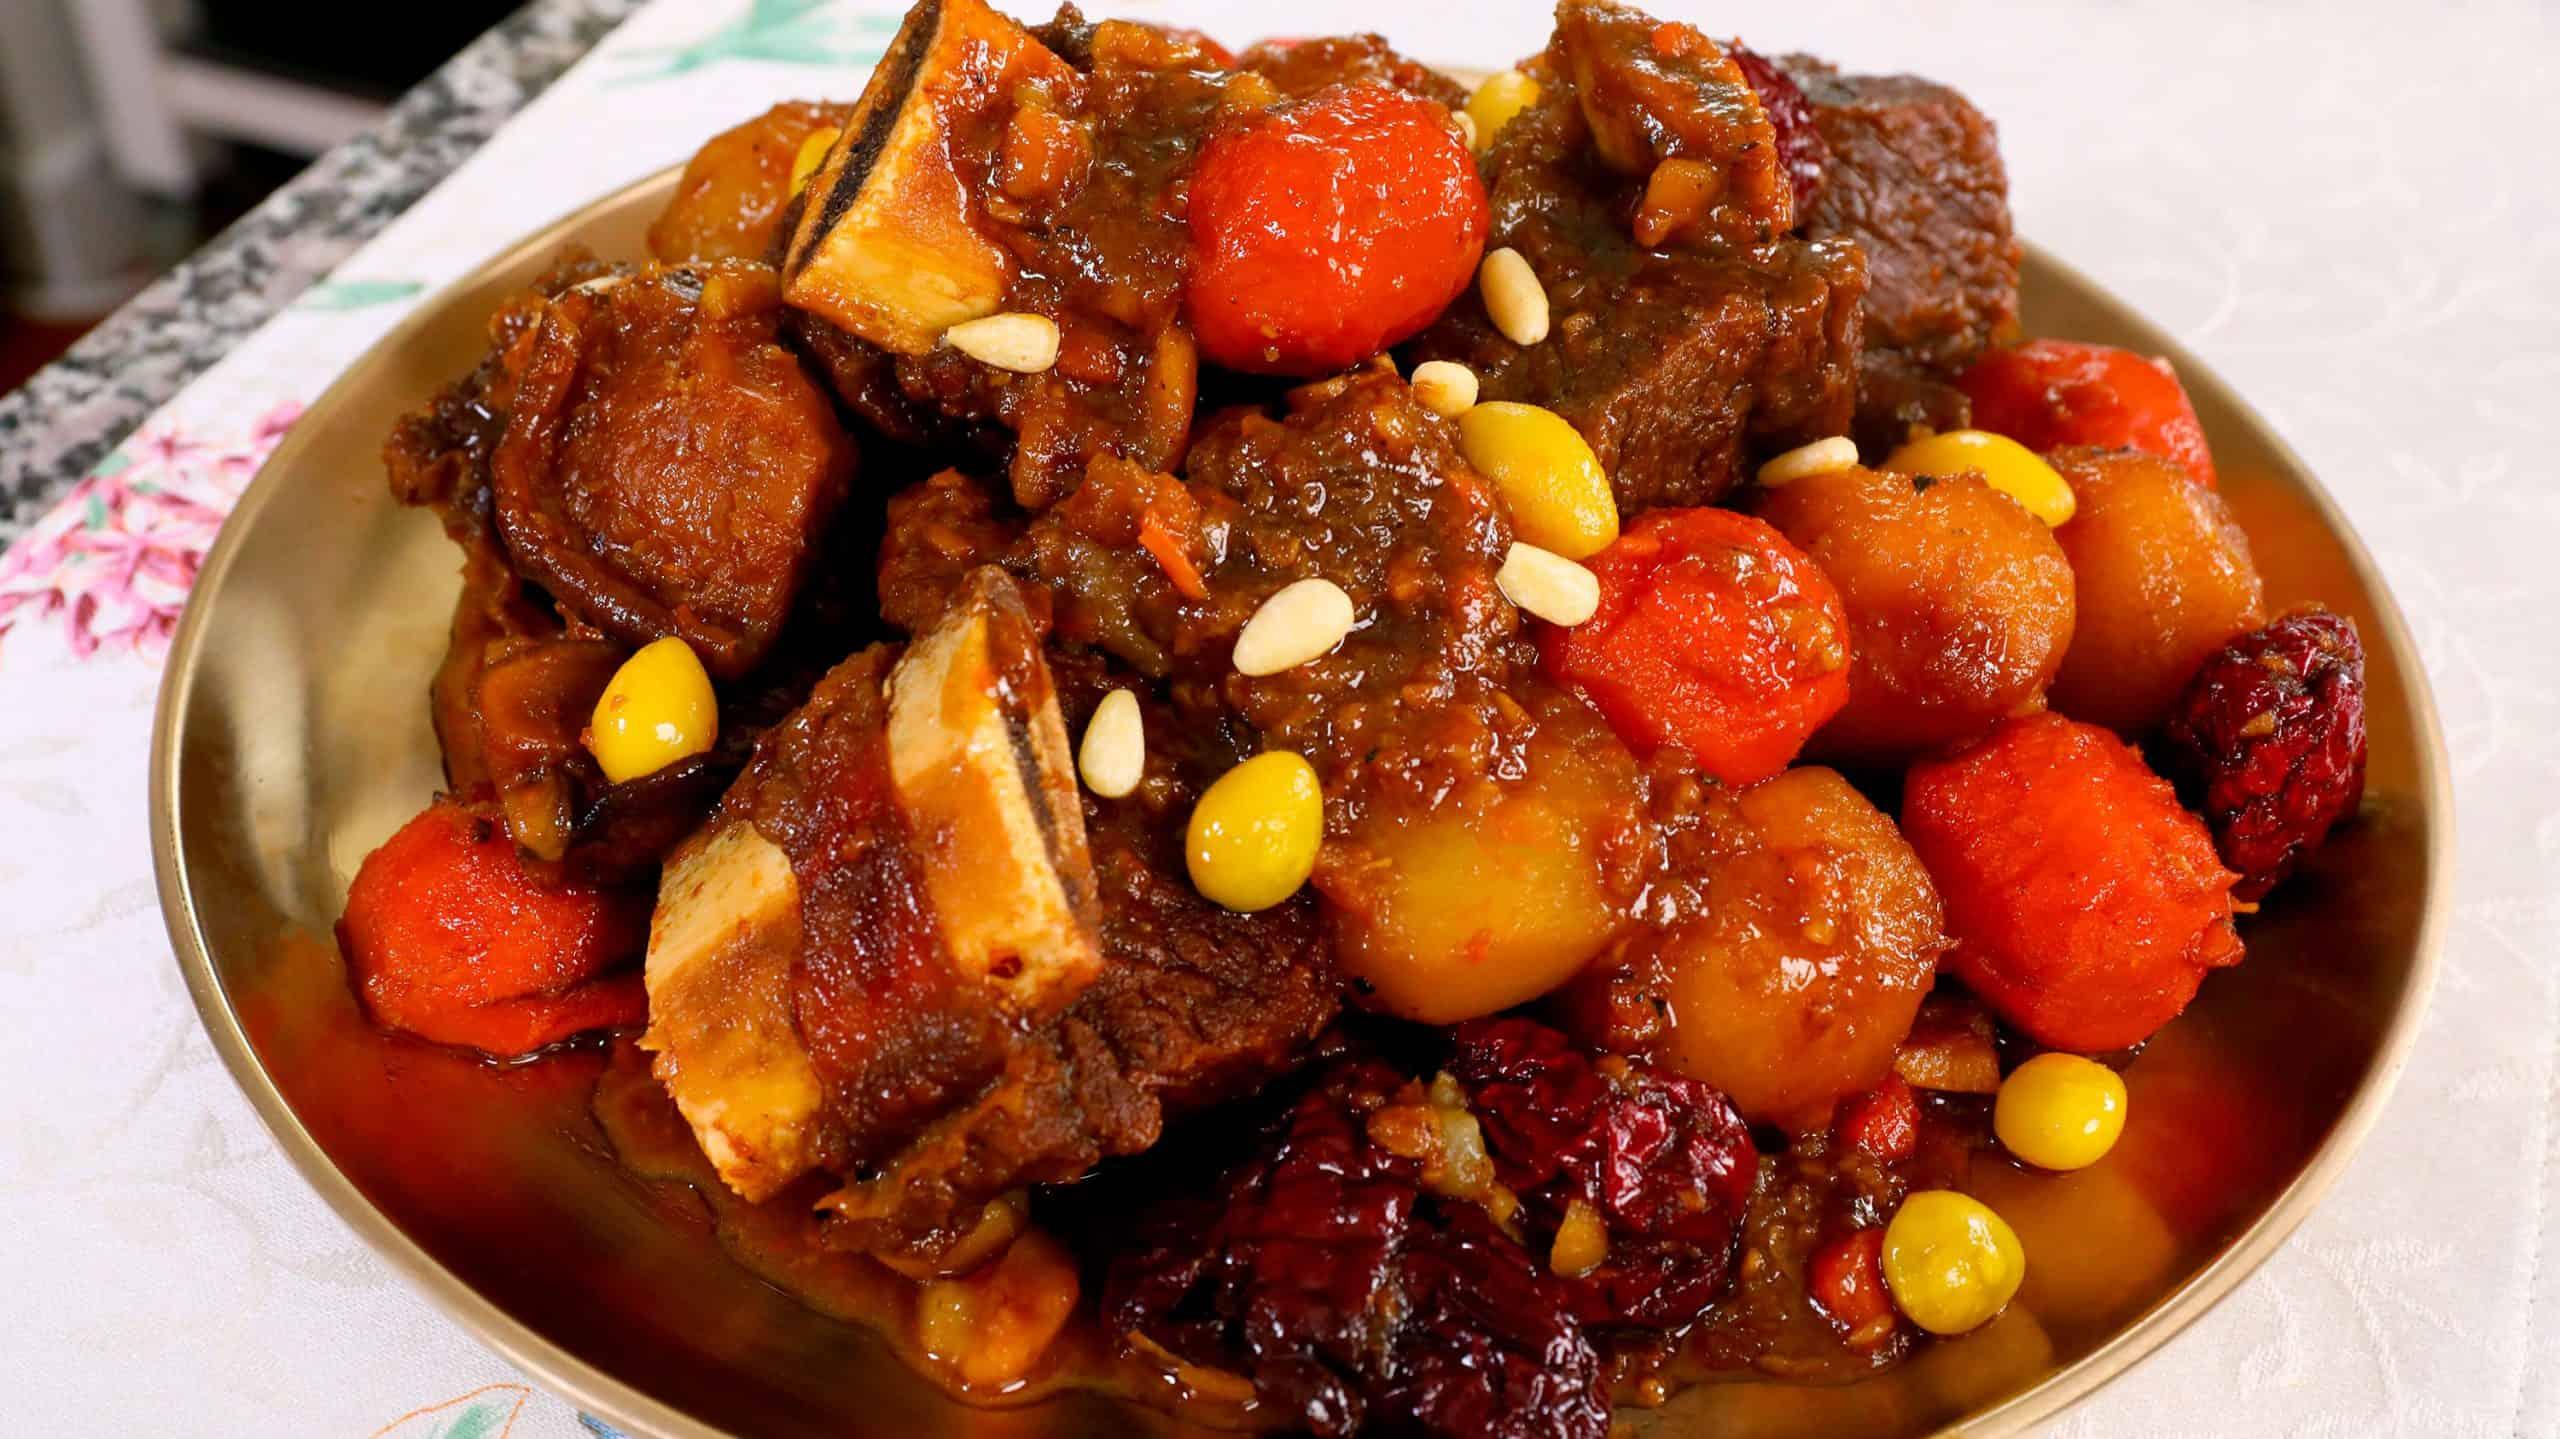 Braised beef short ribs (Galbi-jjim: 갈비찜) recipe - Maangchi.com